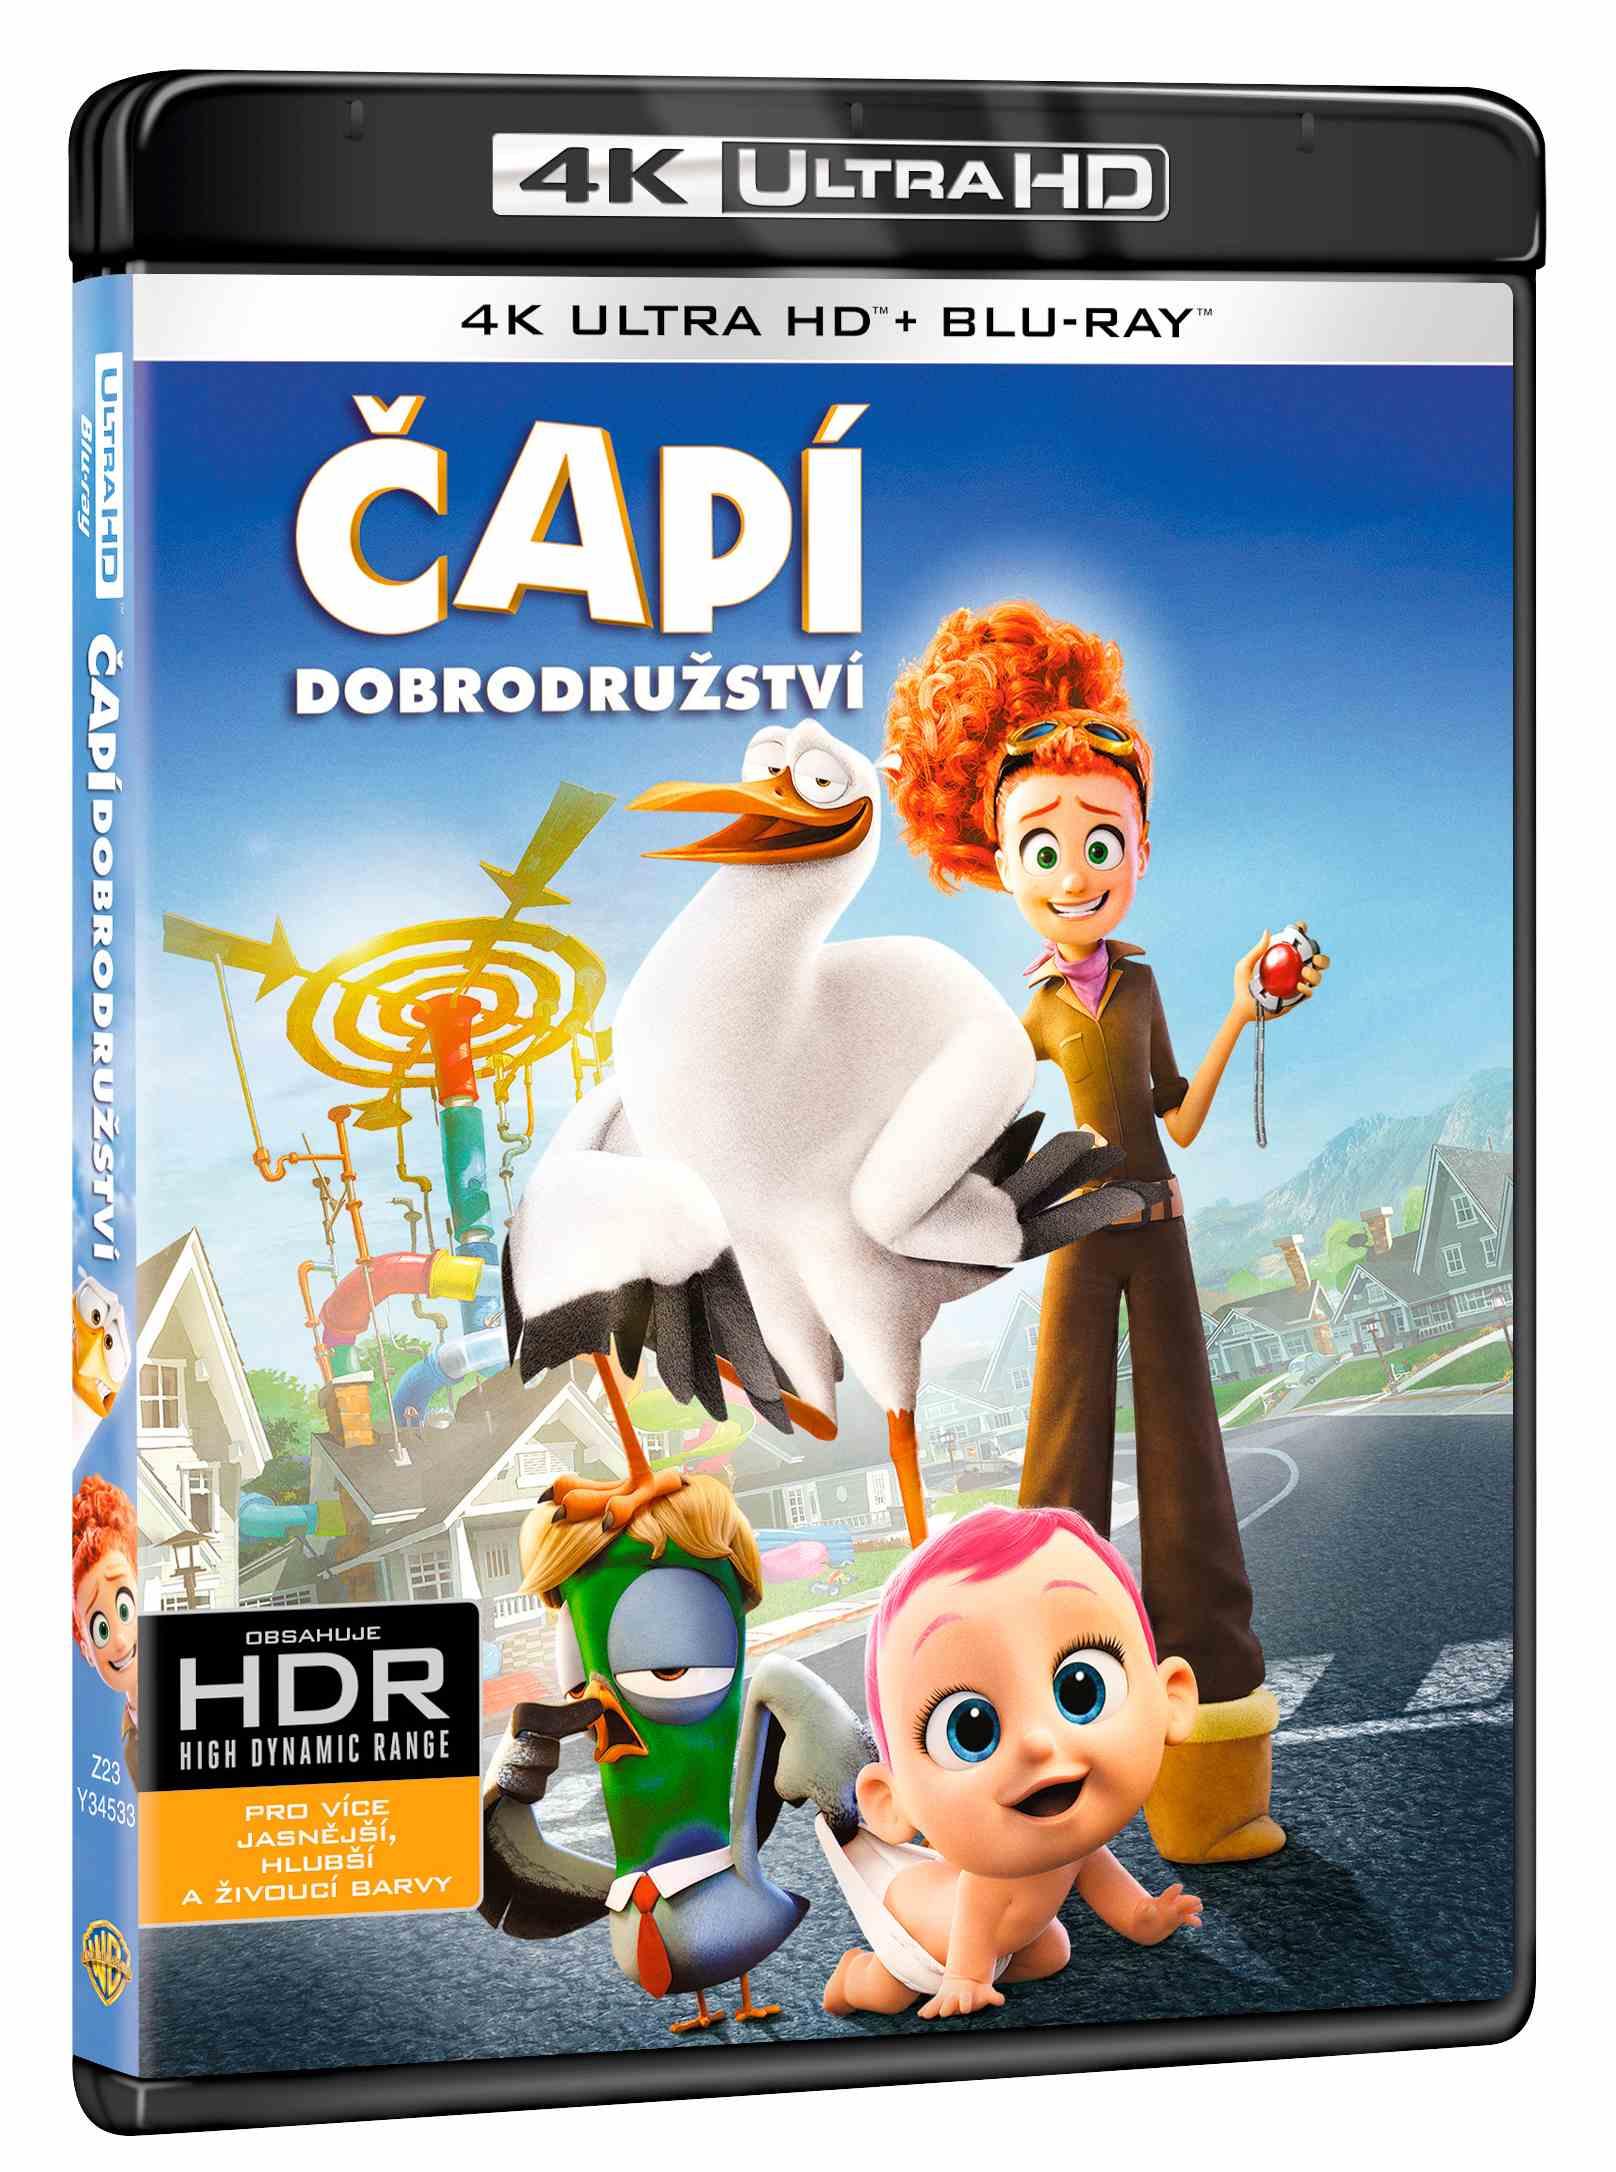 Čapí dobrodružství (4K Ultra HD) - UHD Blu-ray + Blu-ray (2 BD)